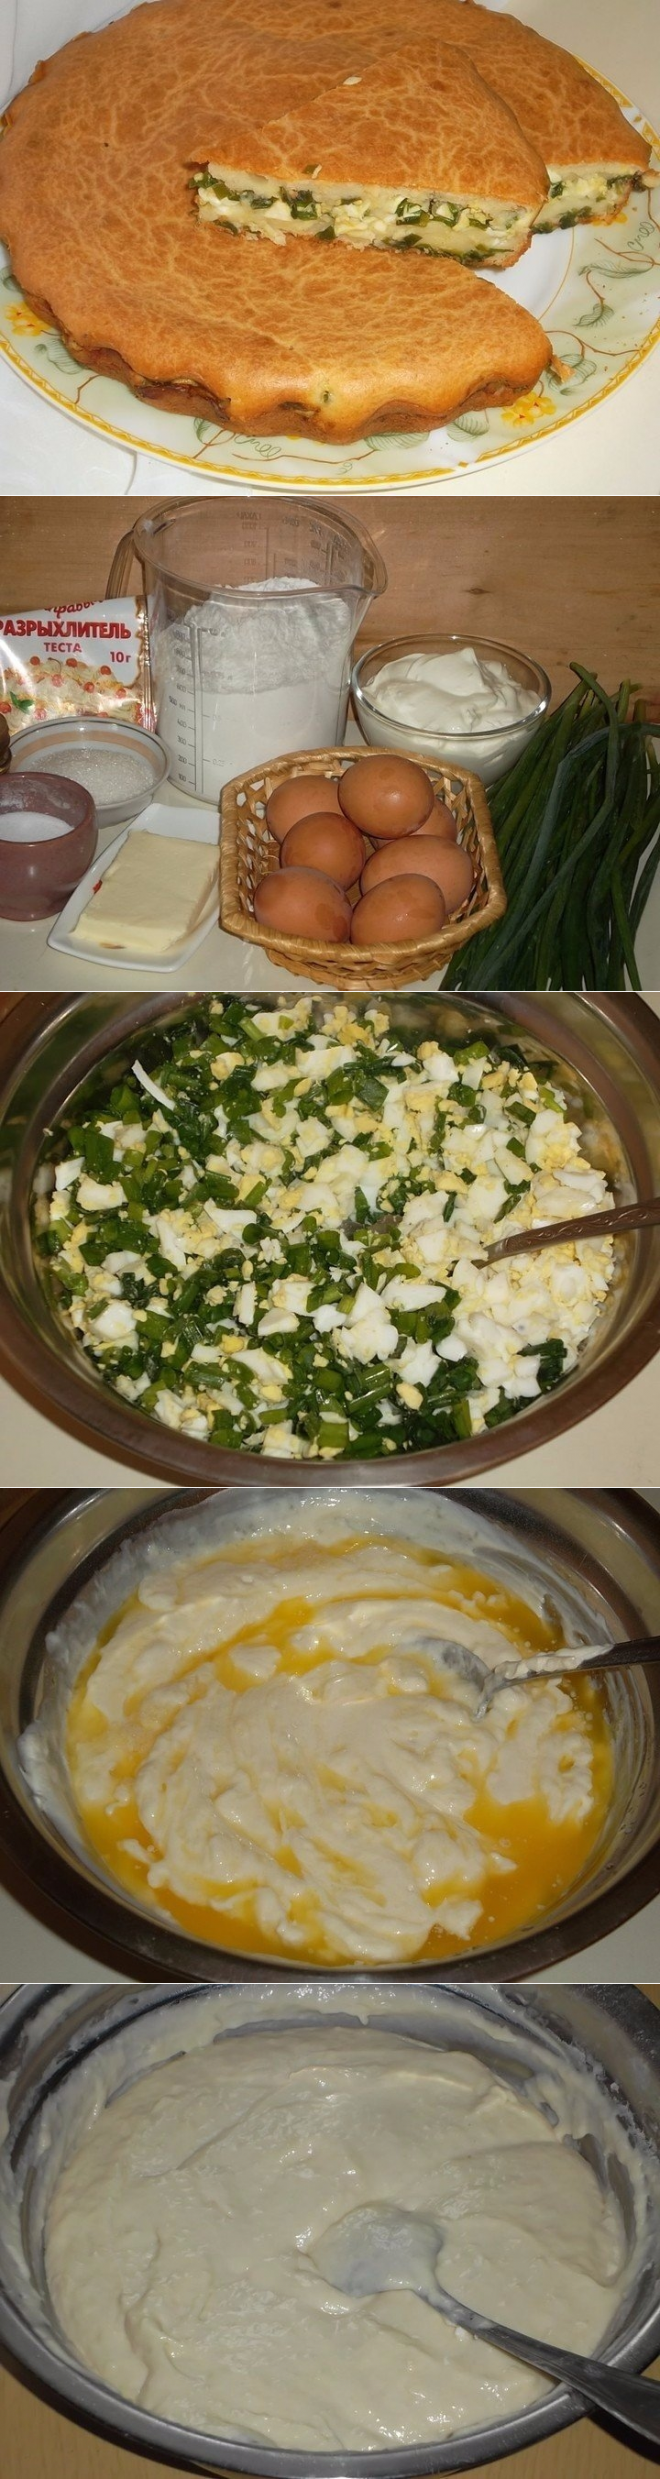 Ничто нельзя сравнитьс этой вкусняшкой! Заливной пирог с зелёным луком и яйцом просто тает во вру!